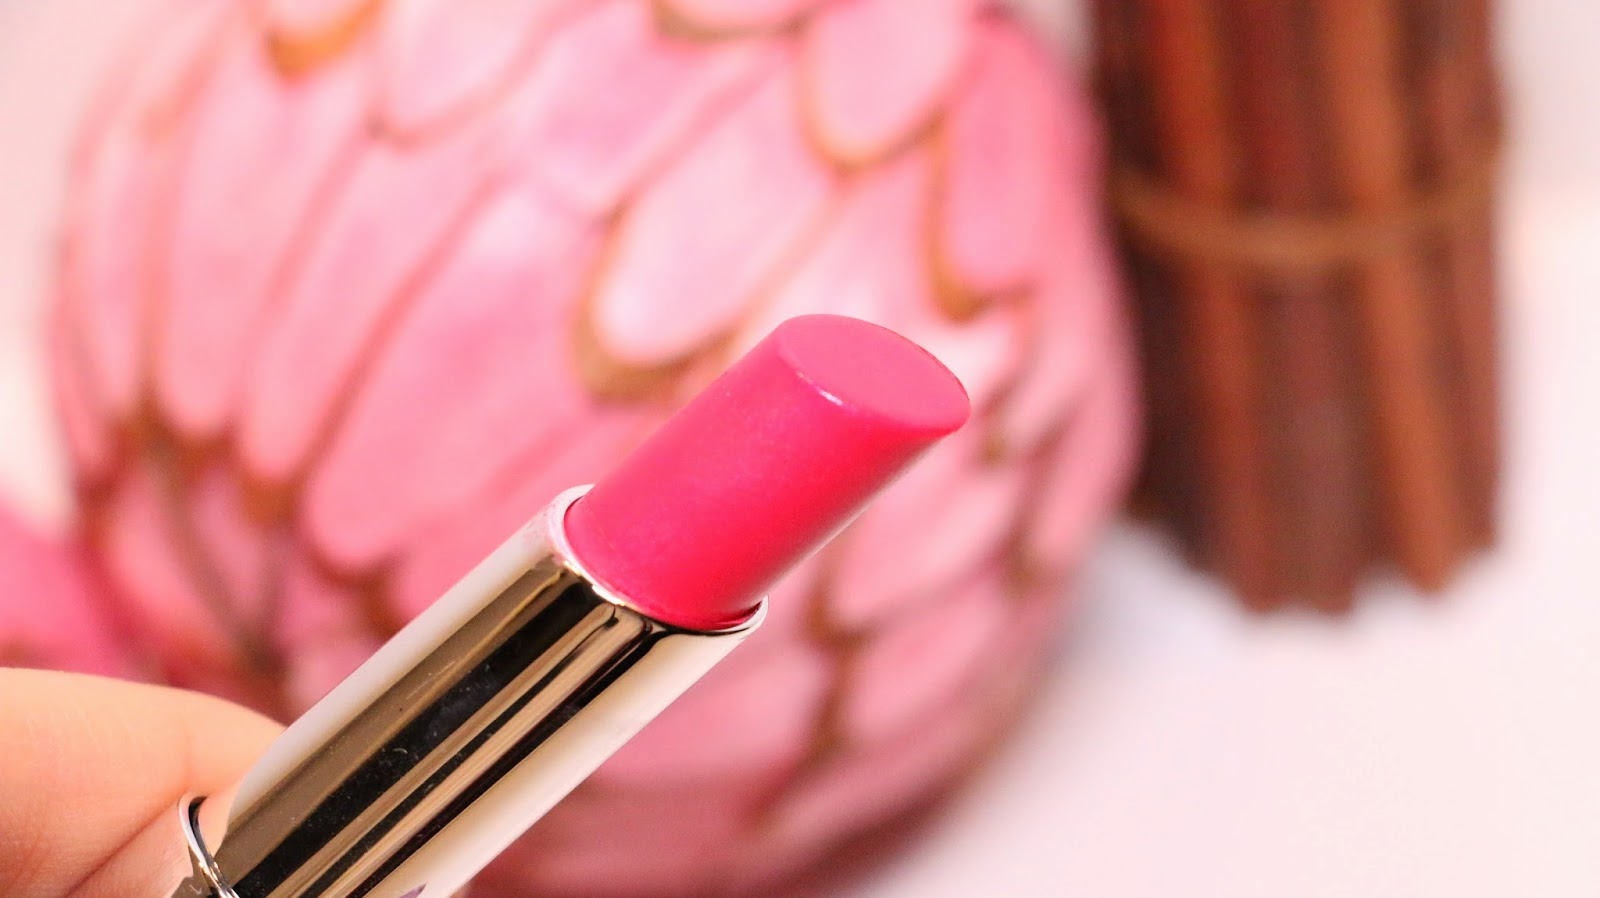 revlon türkiyede -  revlon -  revlon lip butter - watsons - makyaj blogları - kozmetik blogları - youtuber - watsonsdan neler alınır